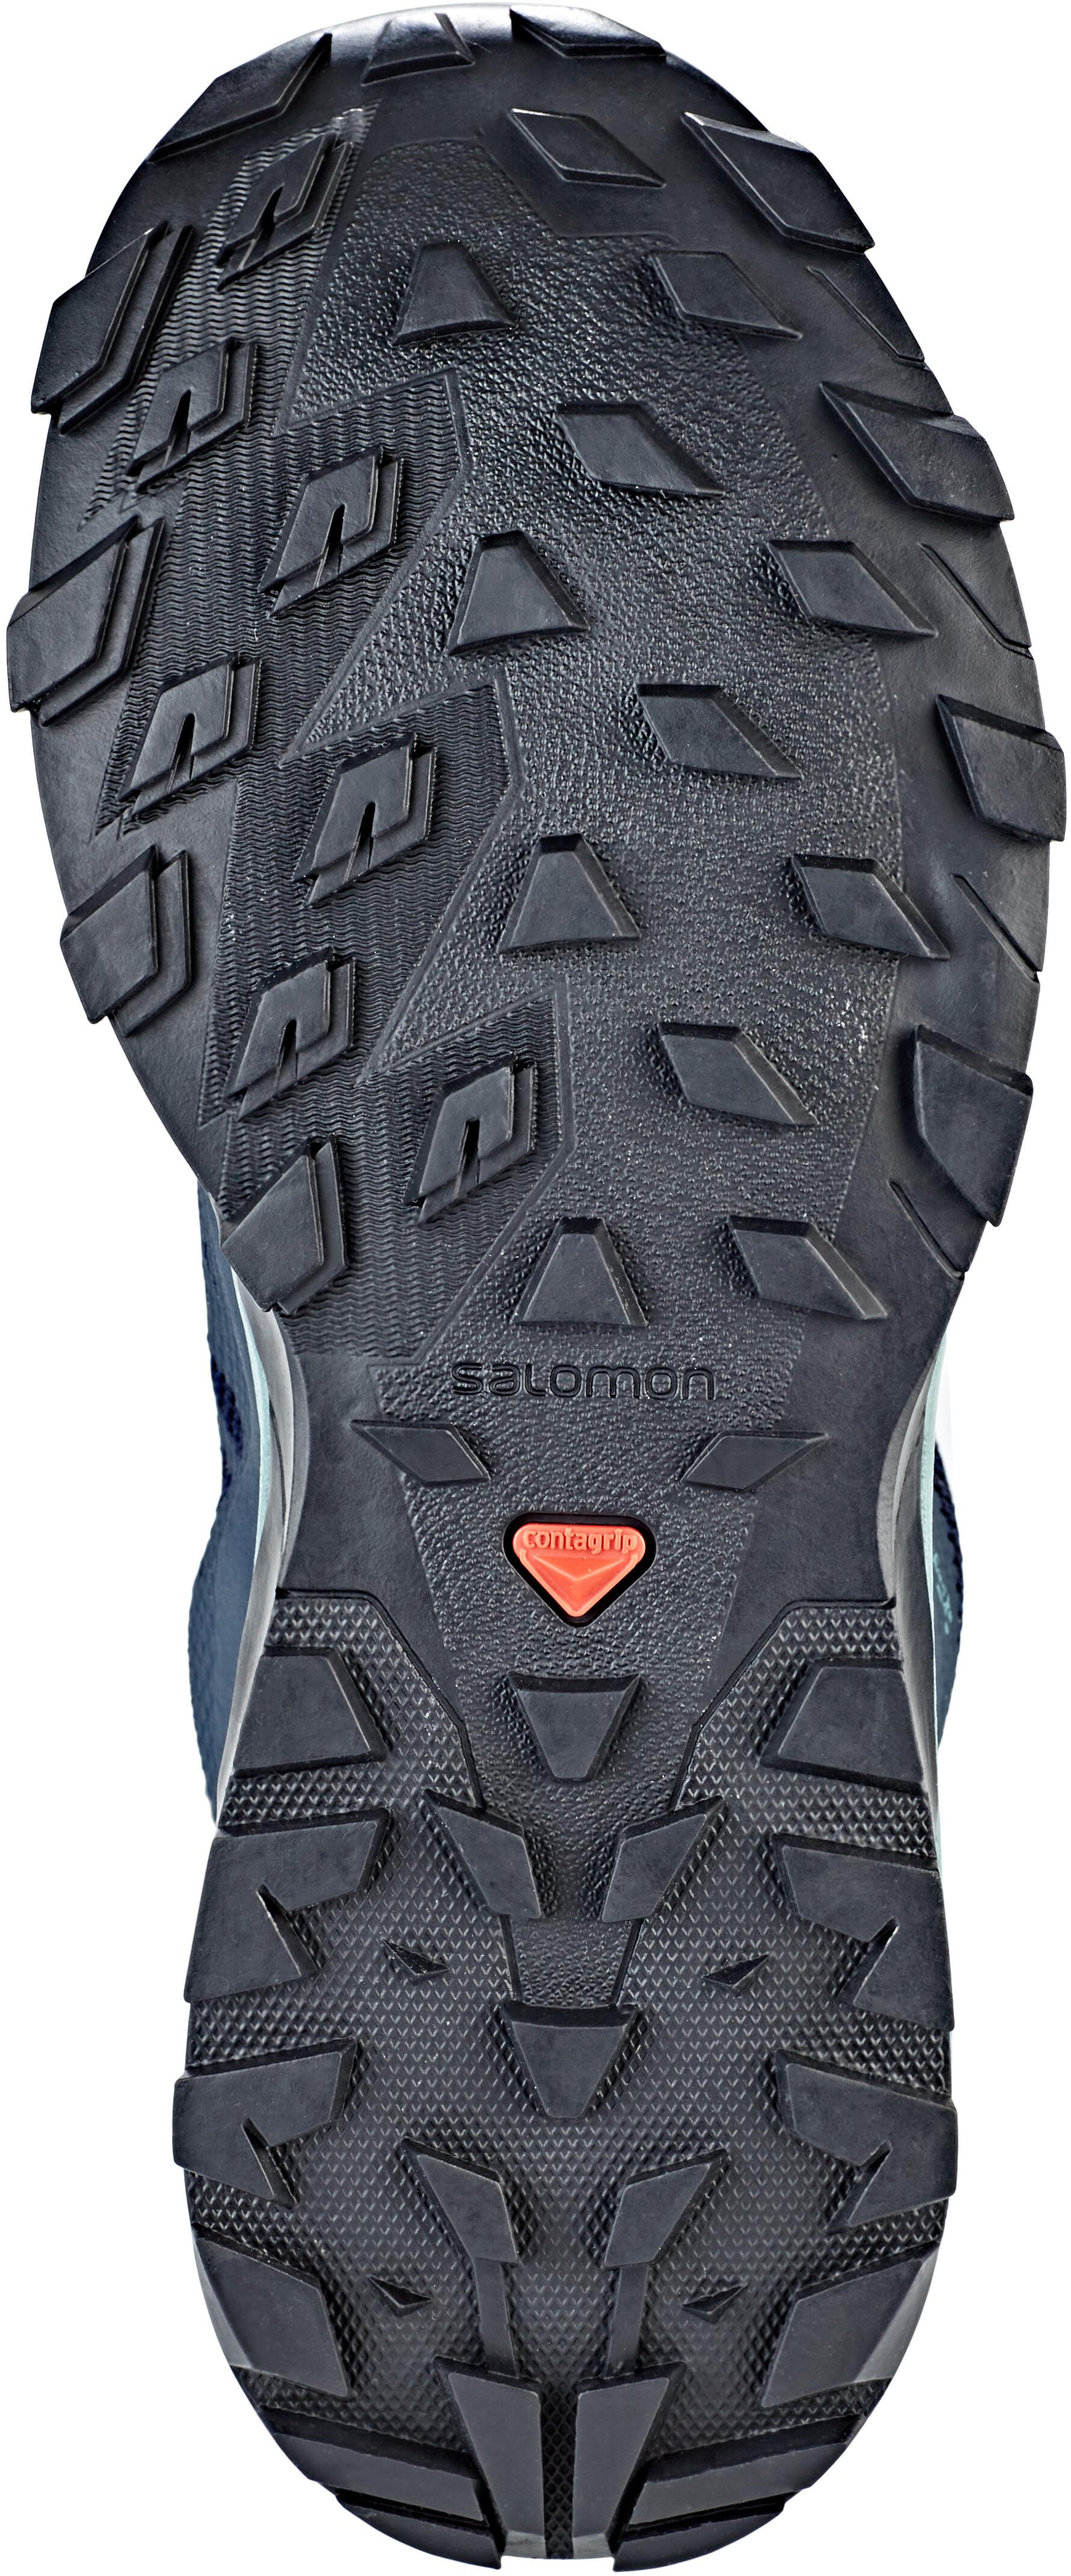 45737a90596 Salomon Outline GTX Shoes Women trellis/navy blazer/guacamole